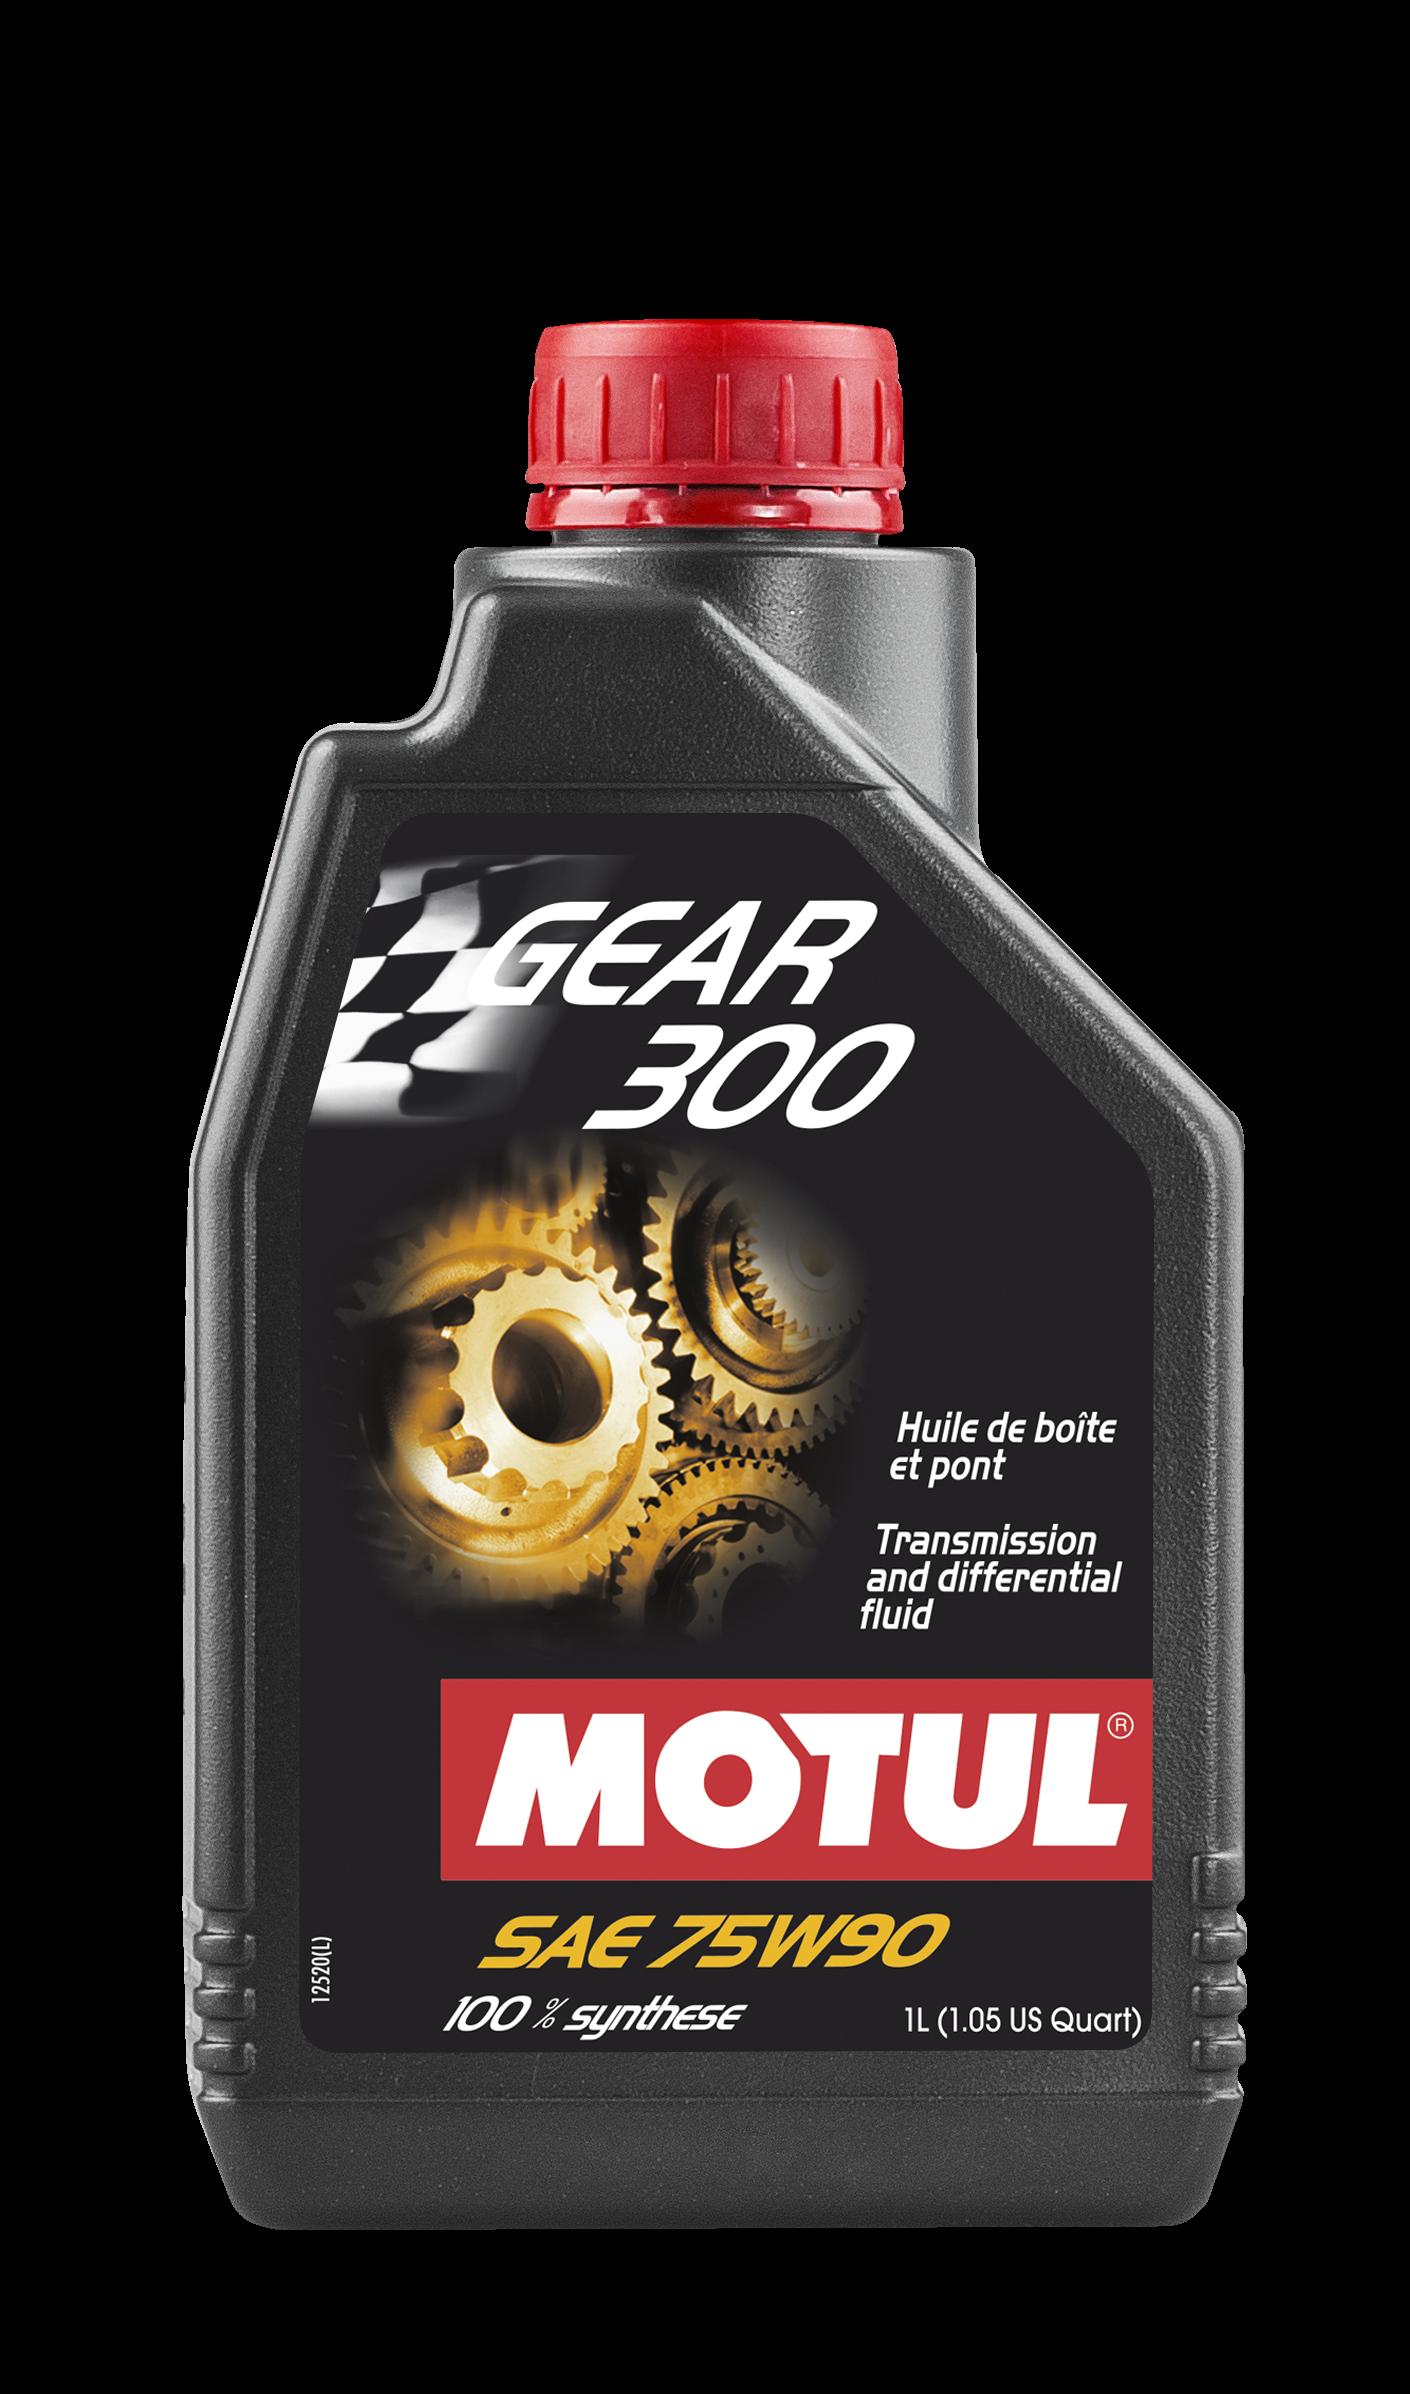 Motul Gear 300 75w-90 1л